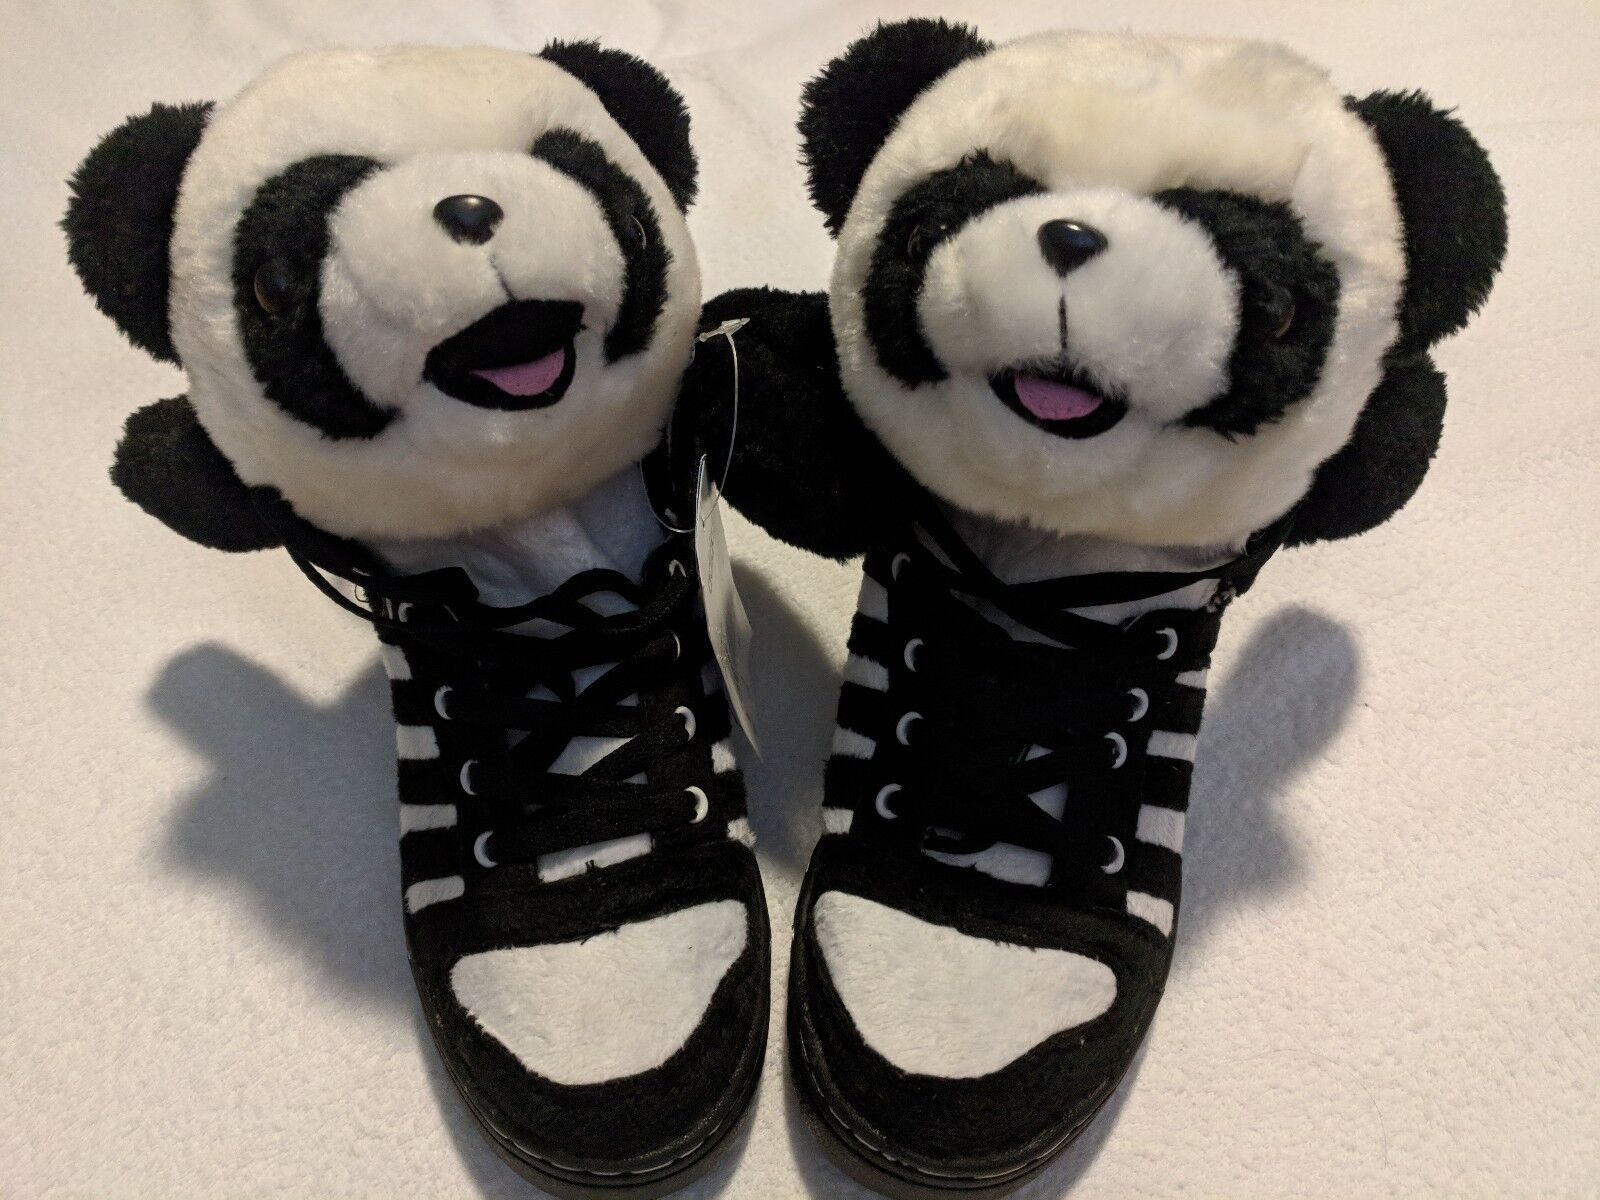 Panda bear high top shoes size 6.5